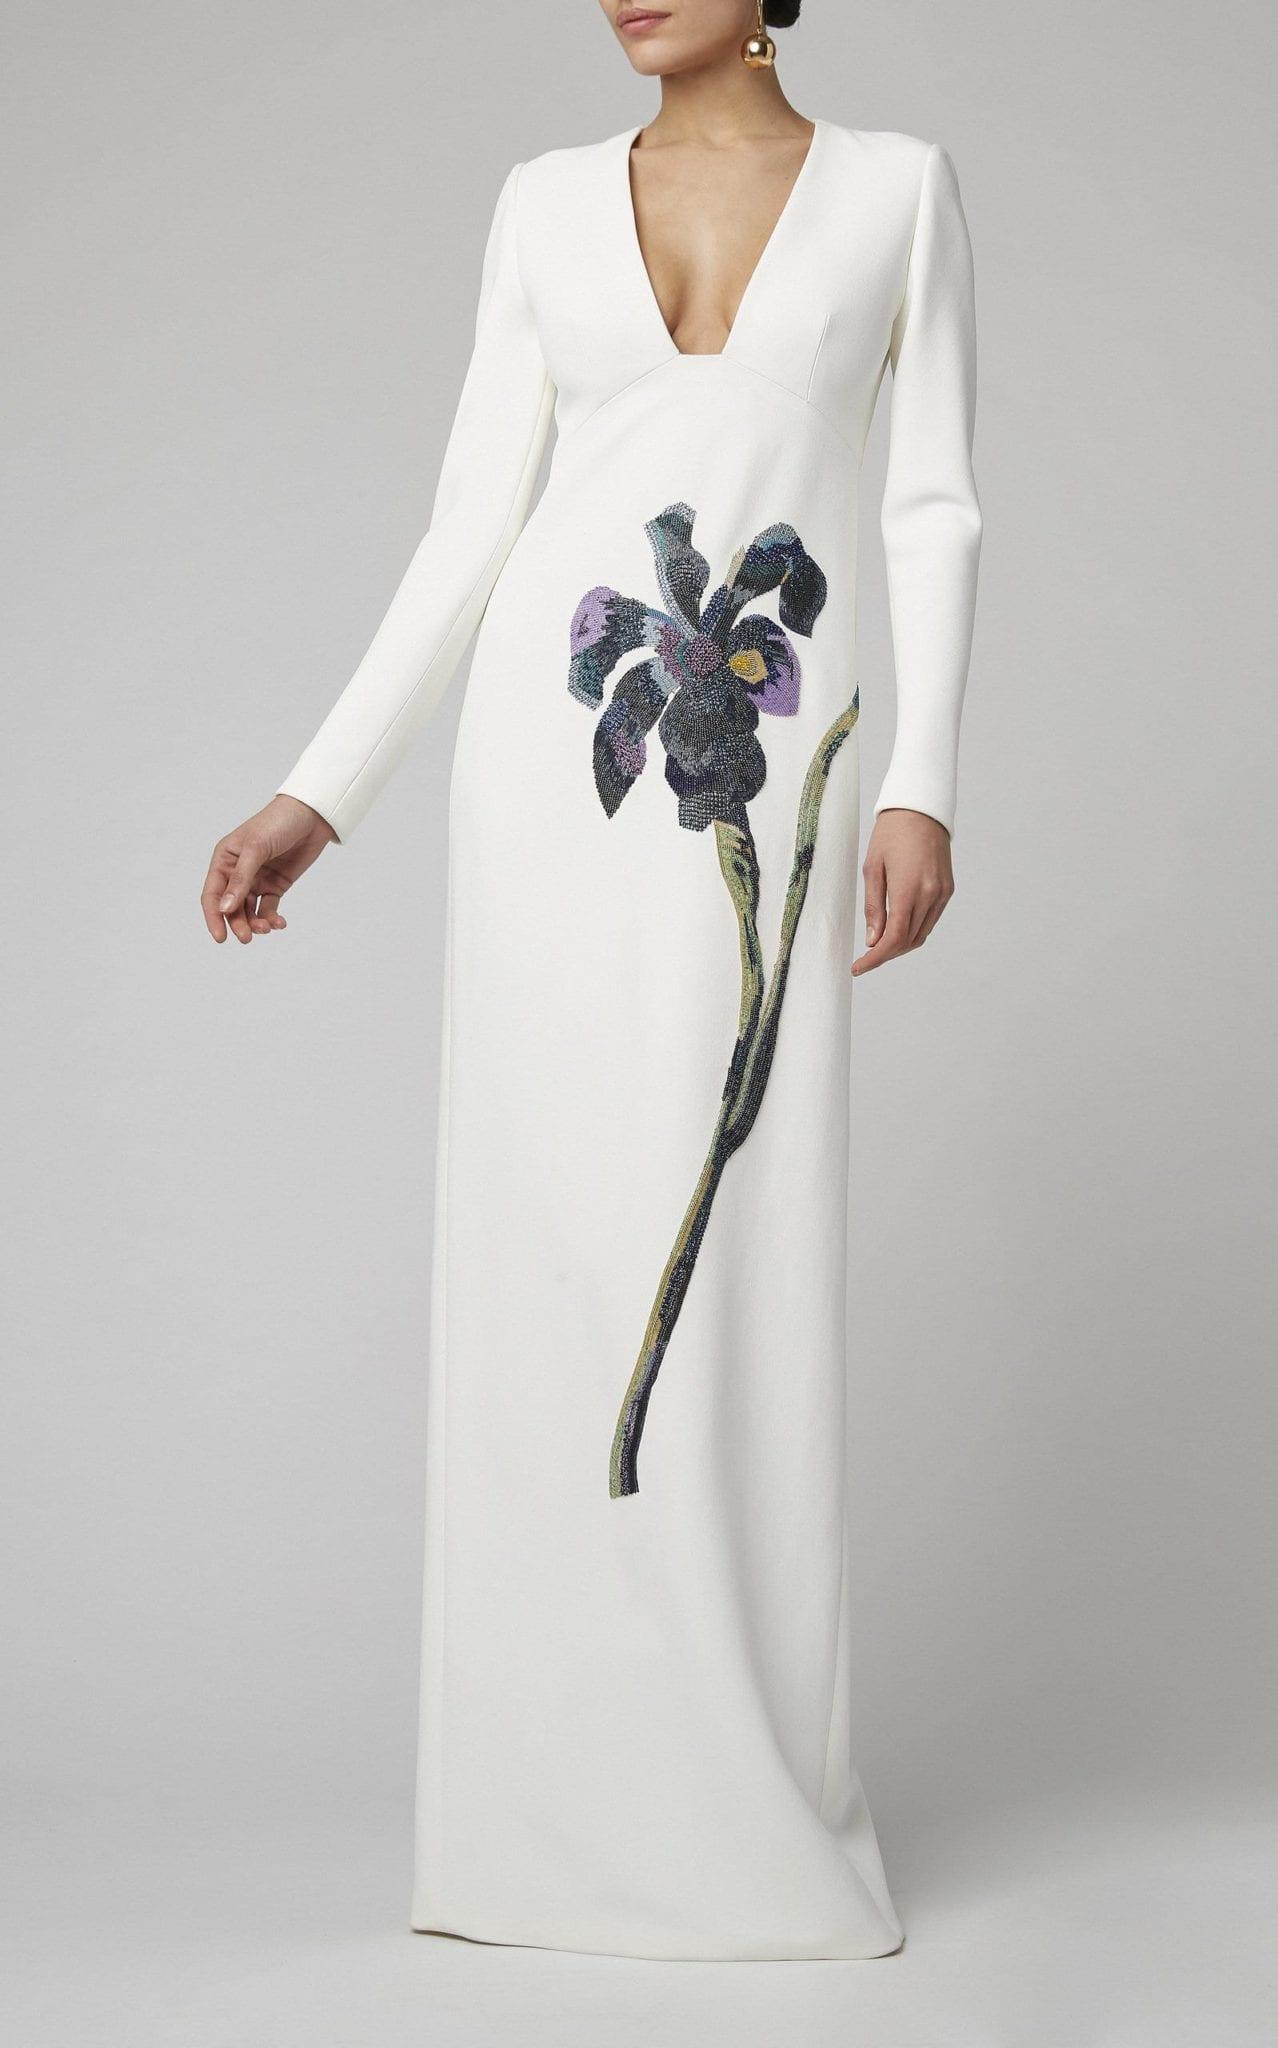 CAROLINA HERRERA Floral-Embellished Crepe Gown